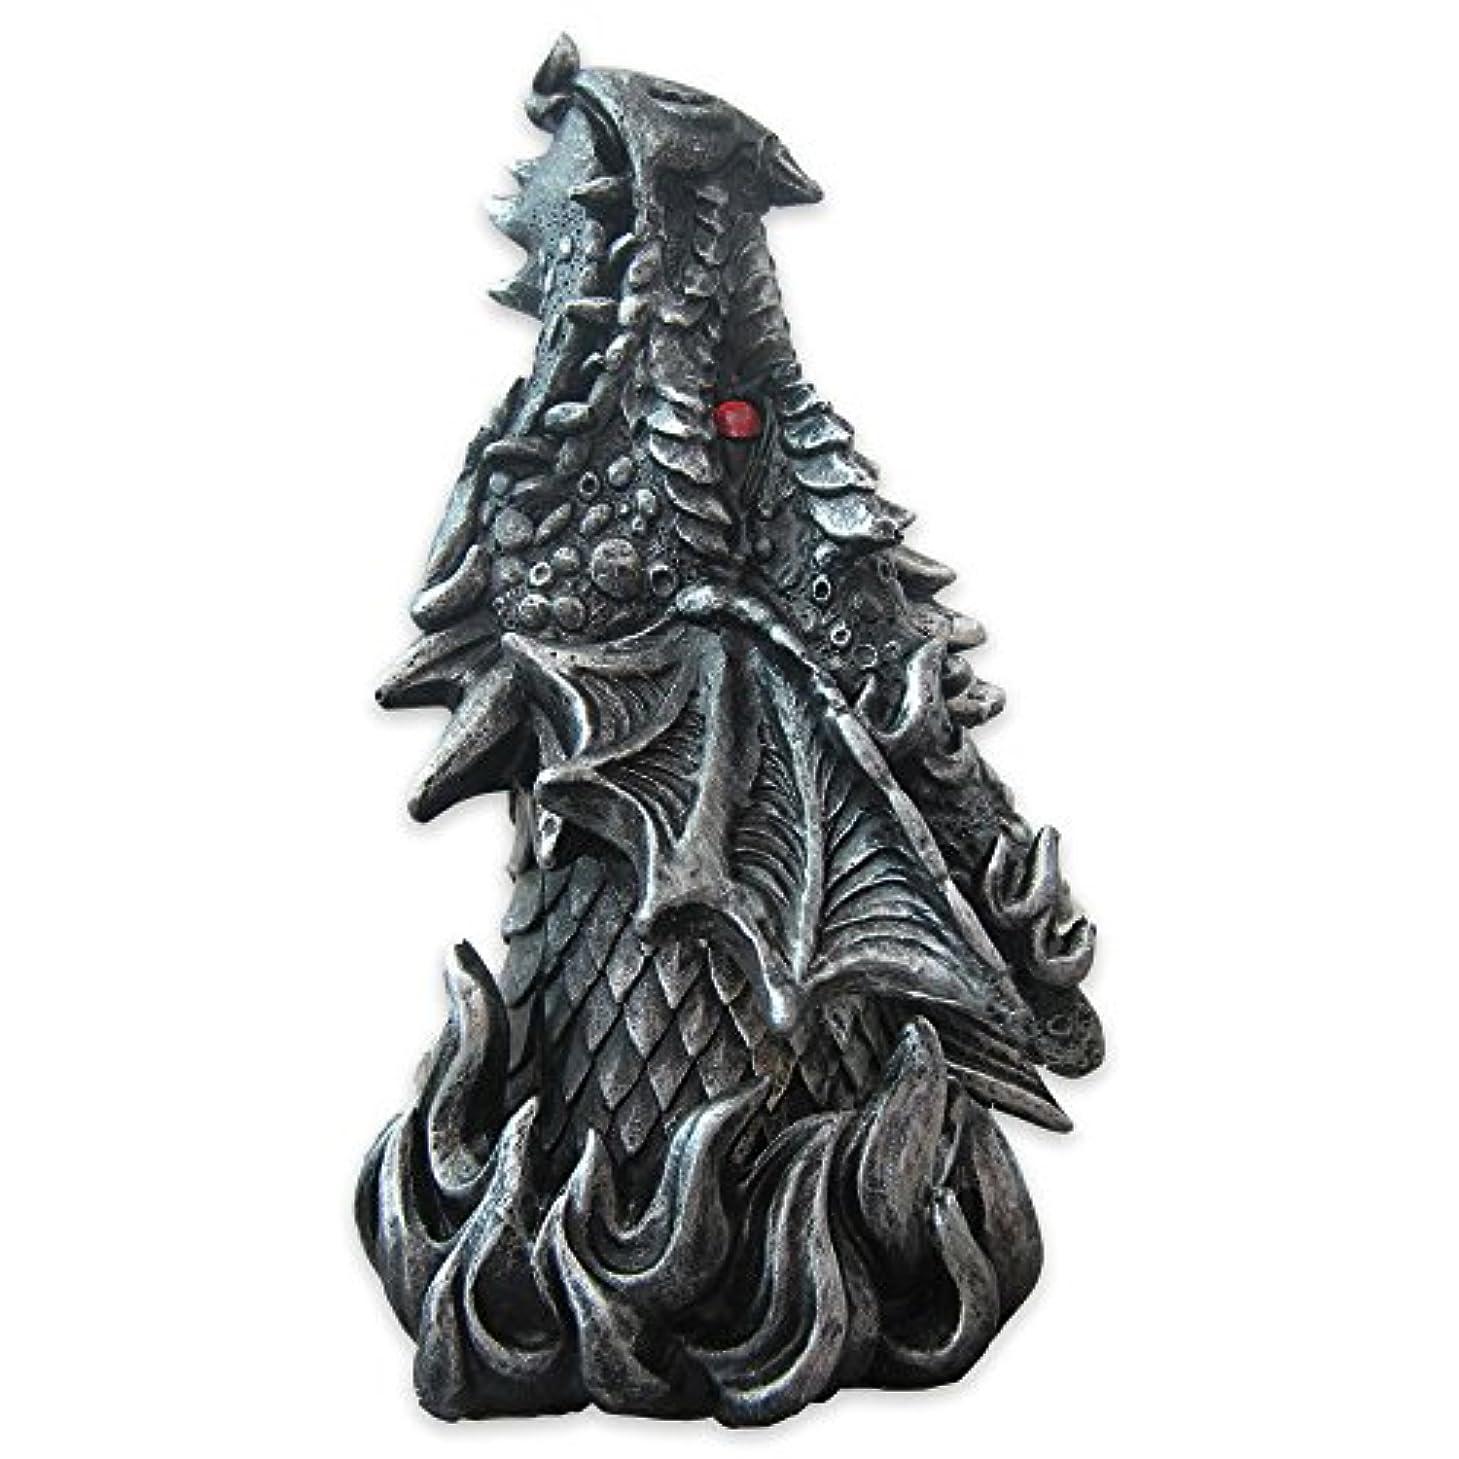 寝具定義するダンプDragon Figure Cone Incense Burner Fiery Eyes - Gothic Smoke Breathing Decor